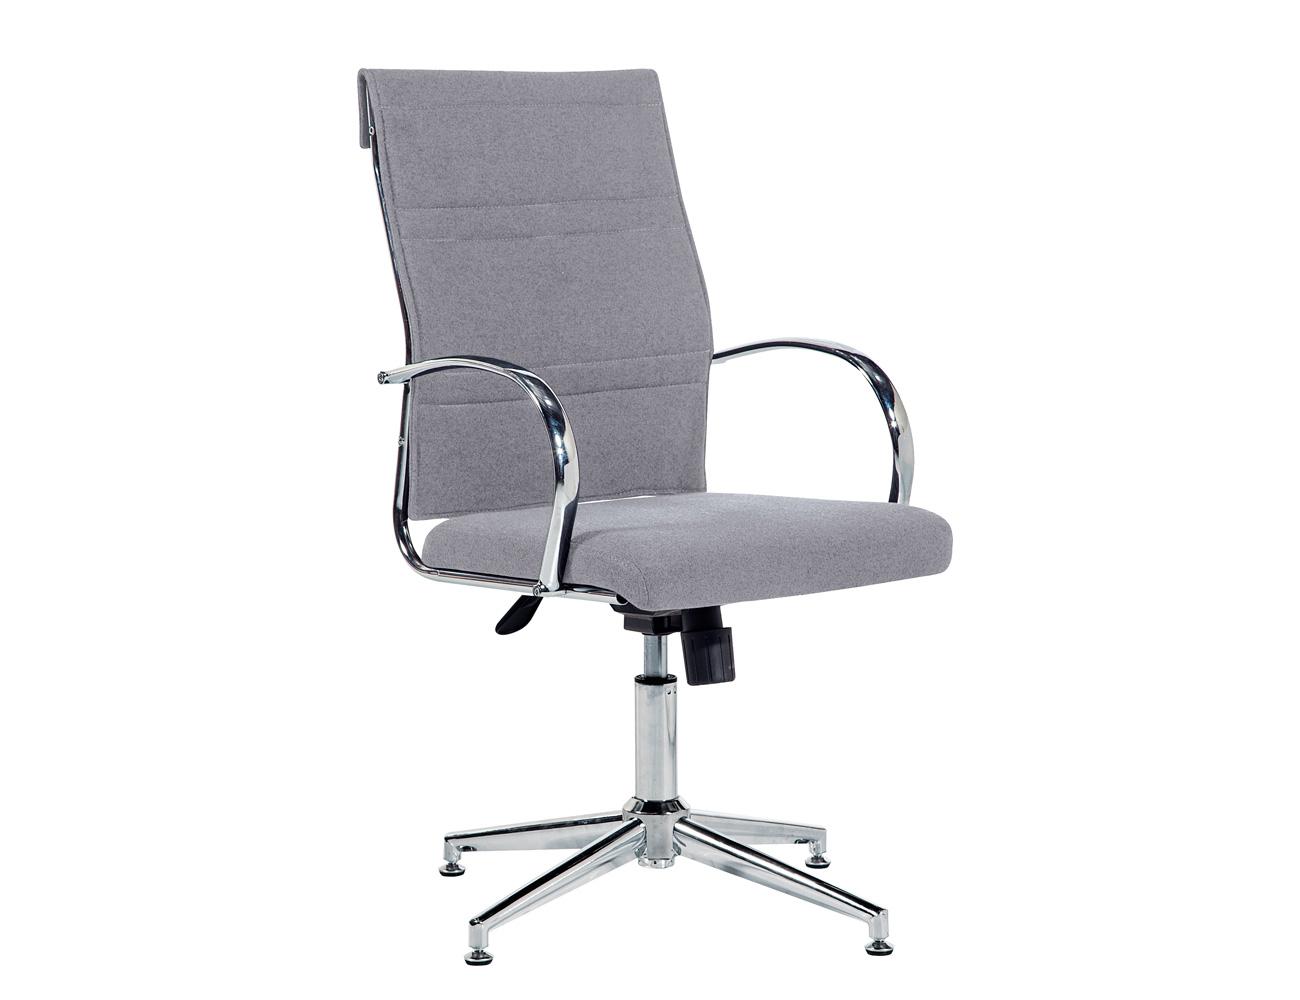 Silla despacho oficina apoya brazos gris ceniza